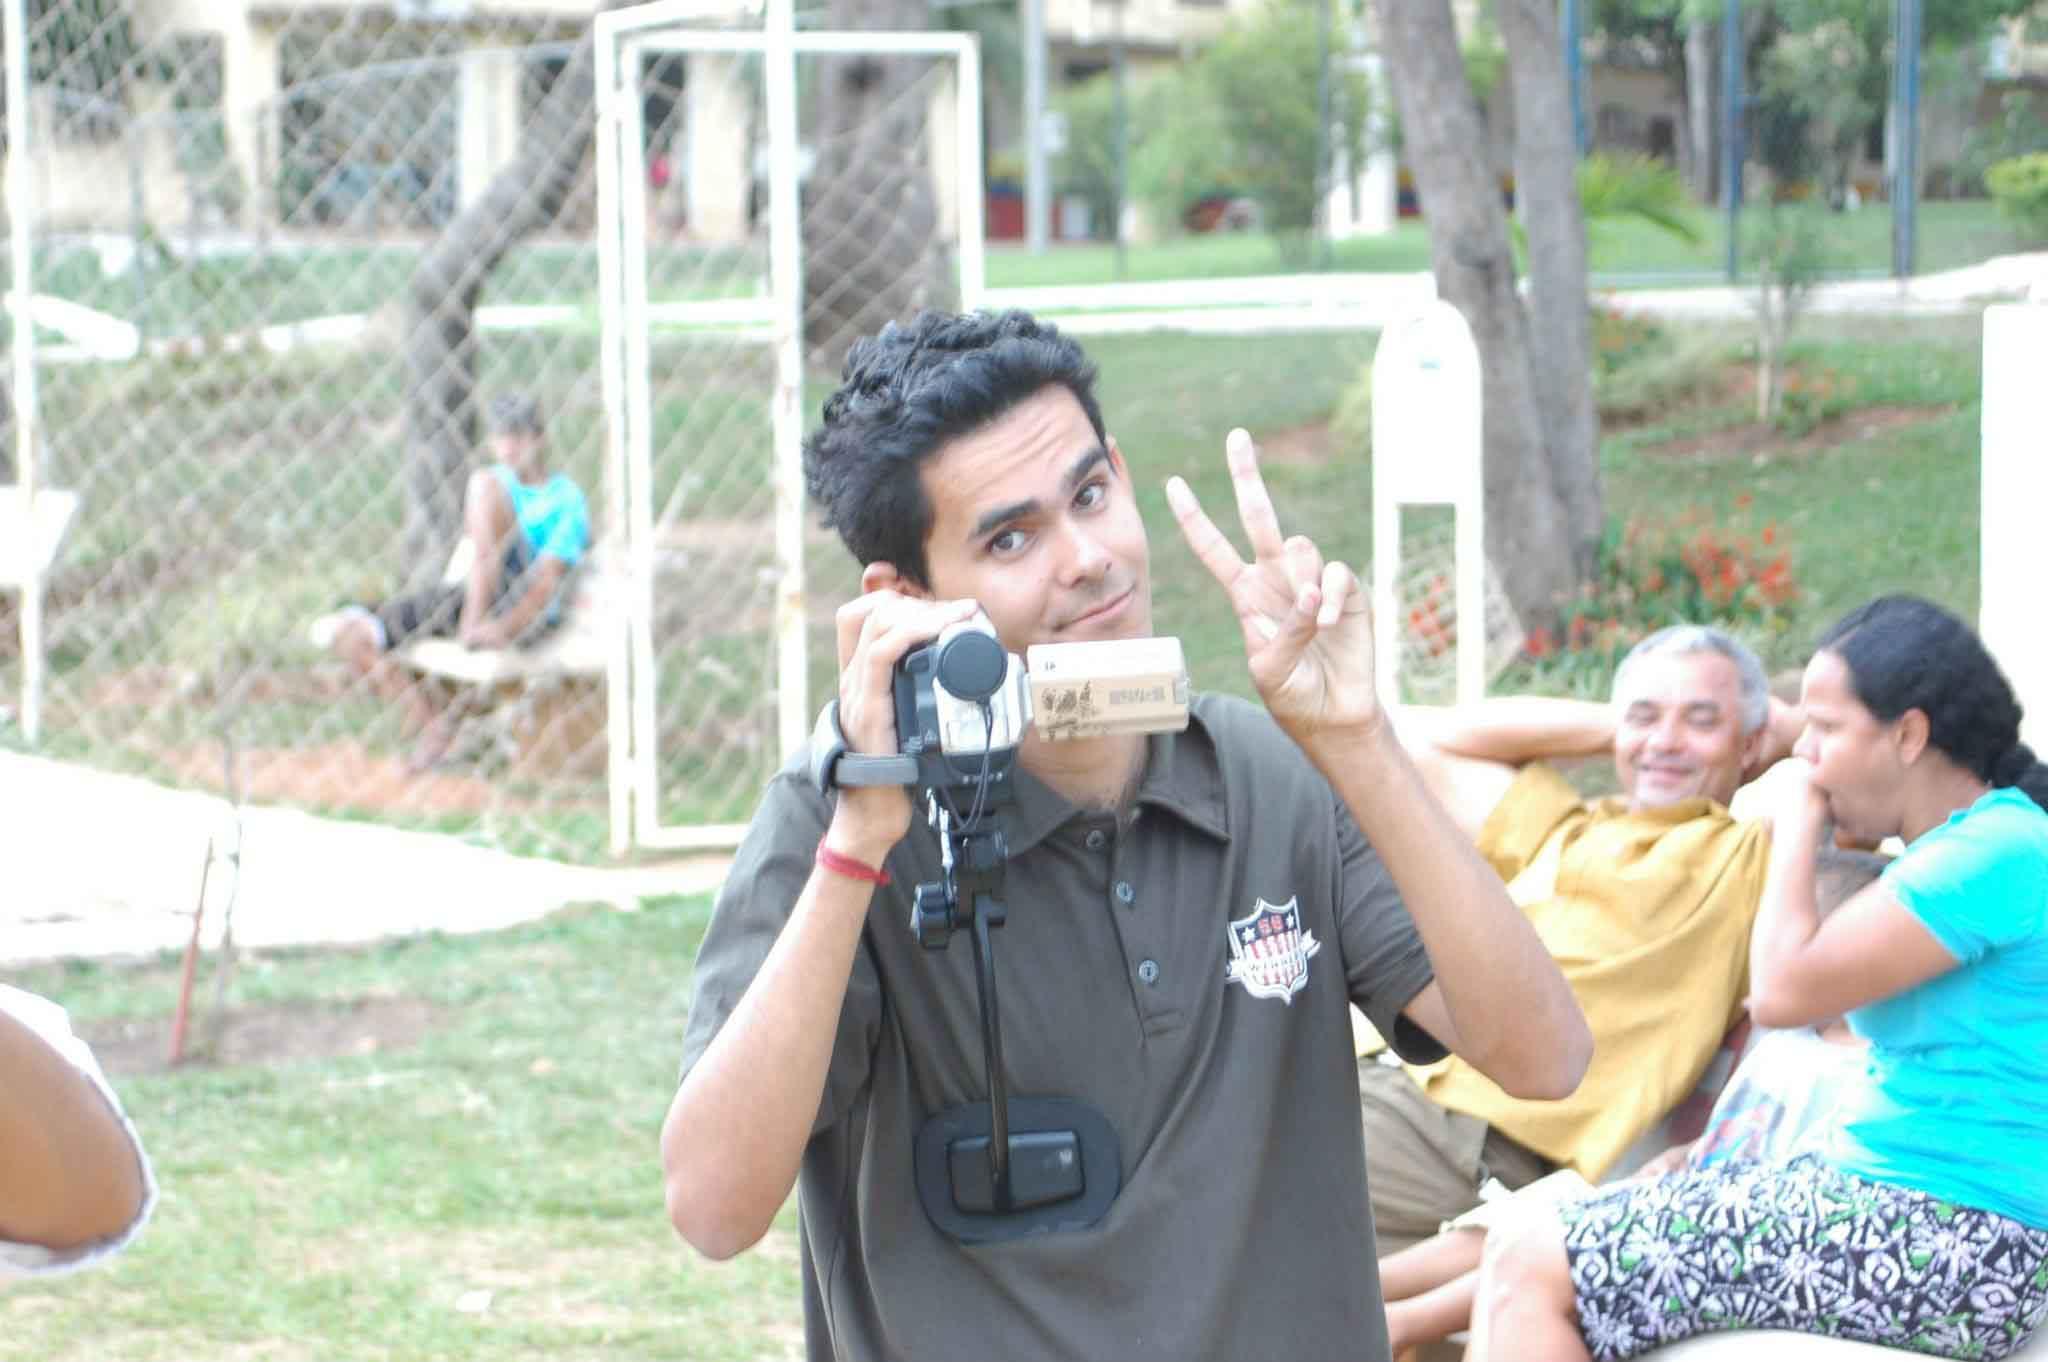 rapaz segurando filmadora fazendo sinal positivo outra mão parque